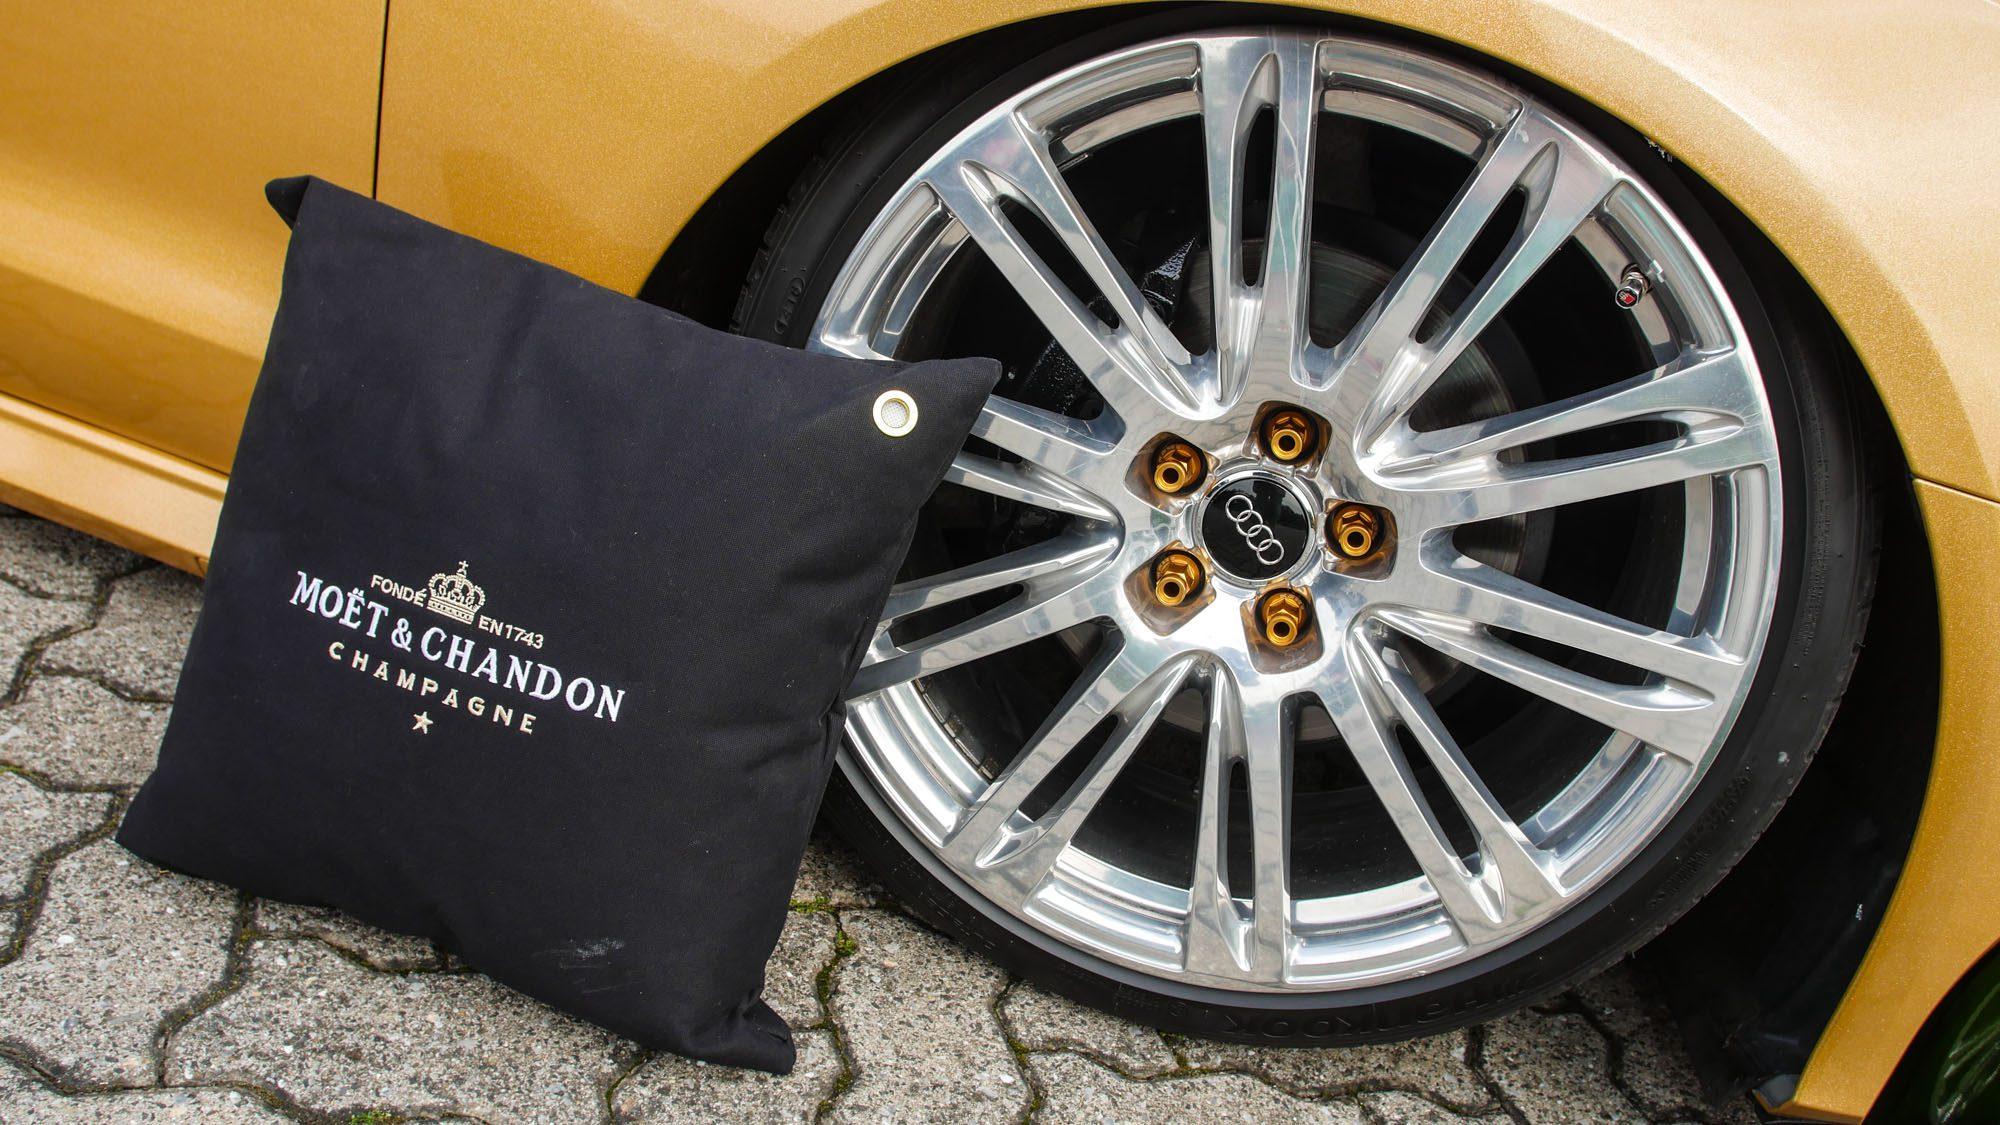 Die Räder des Audi A6 Avant können mit dem Glamour der Marke Moët & Chandon locker mithalten!